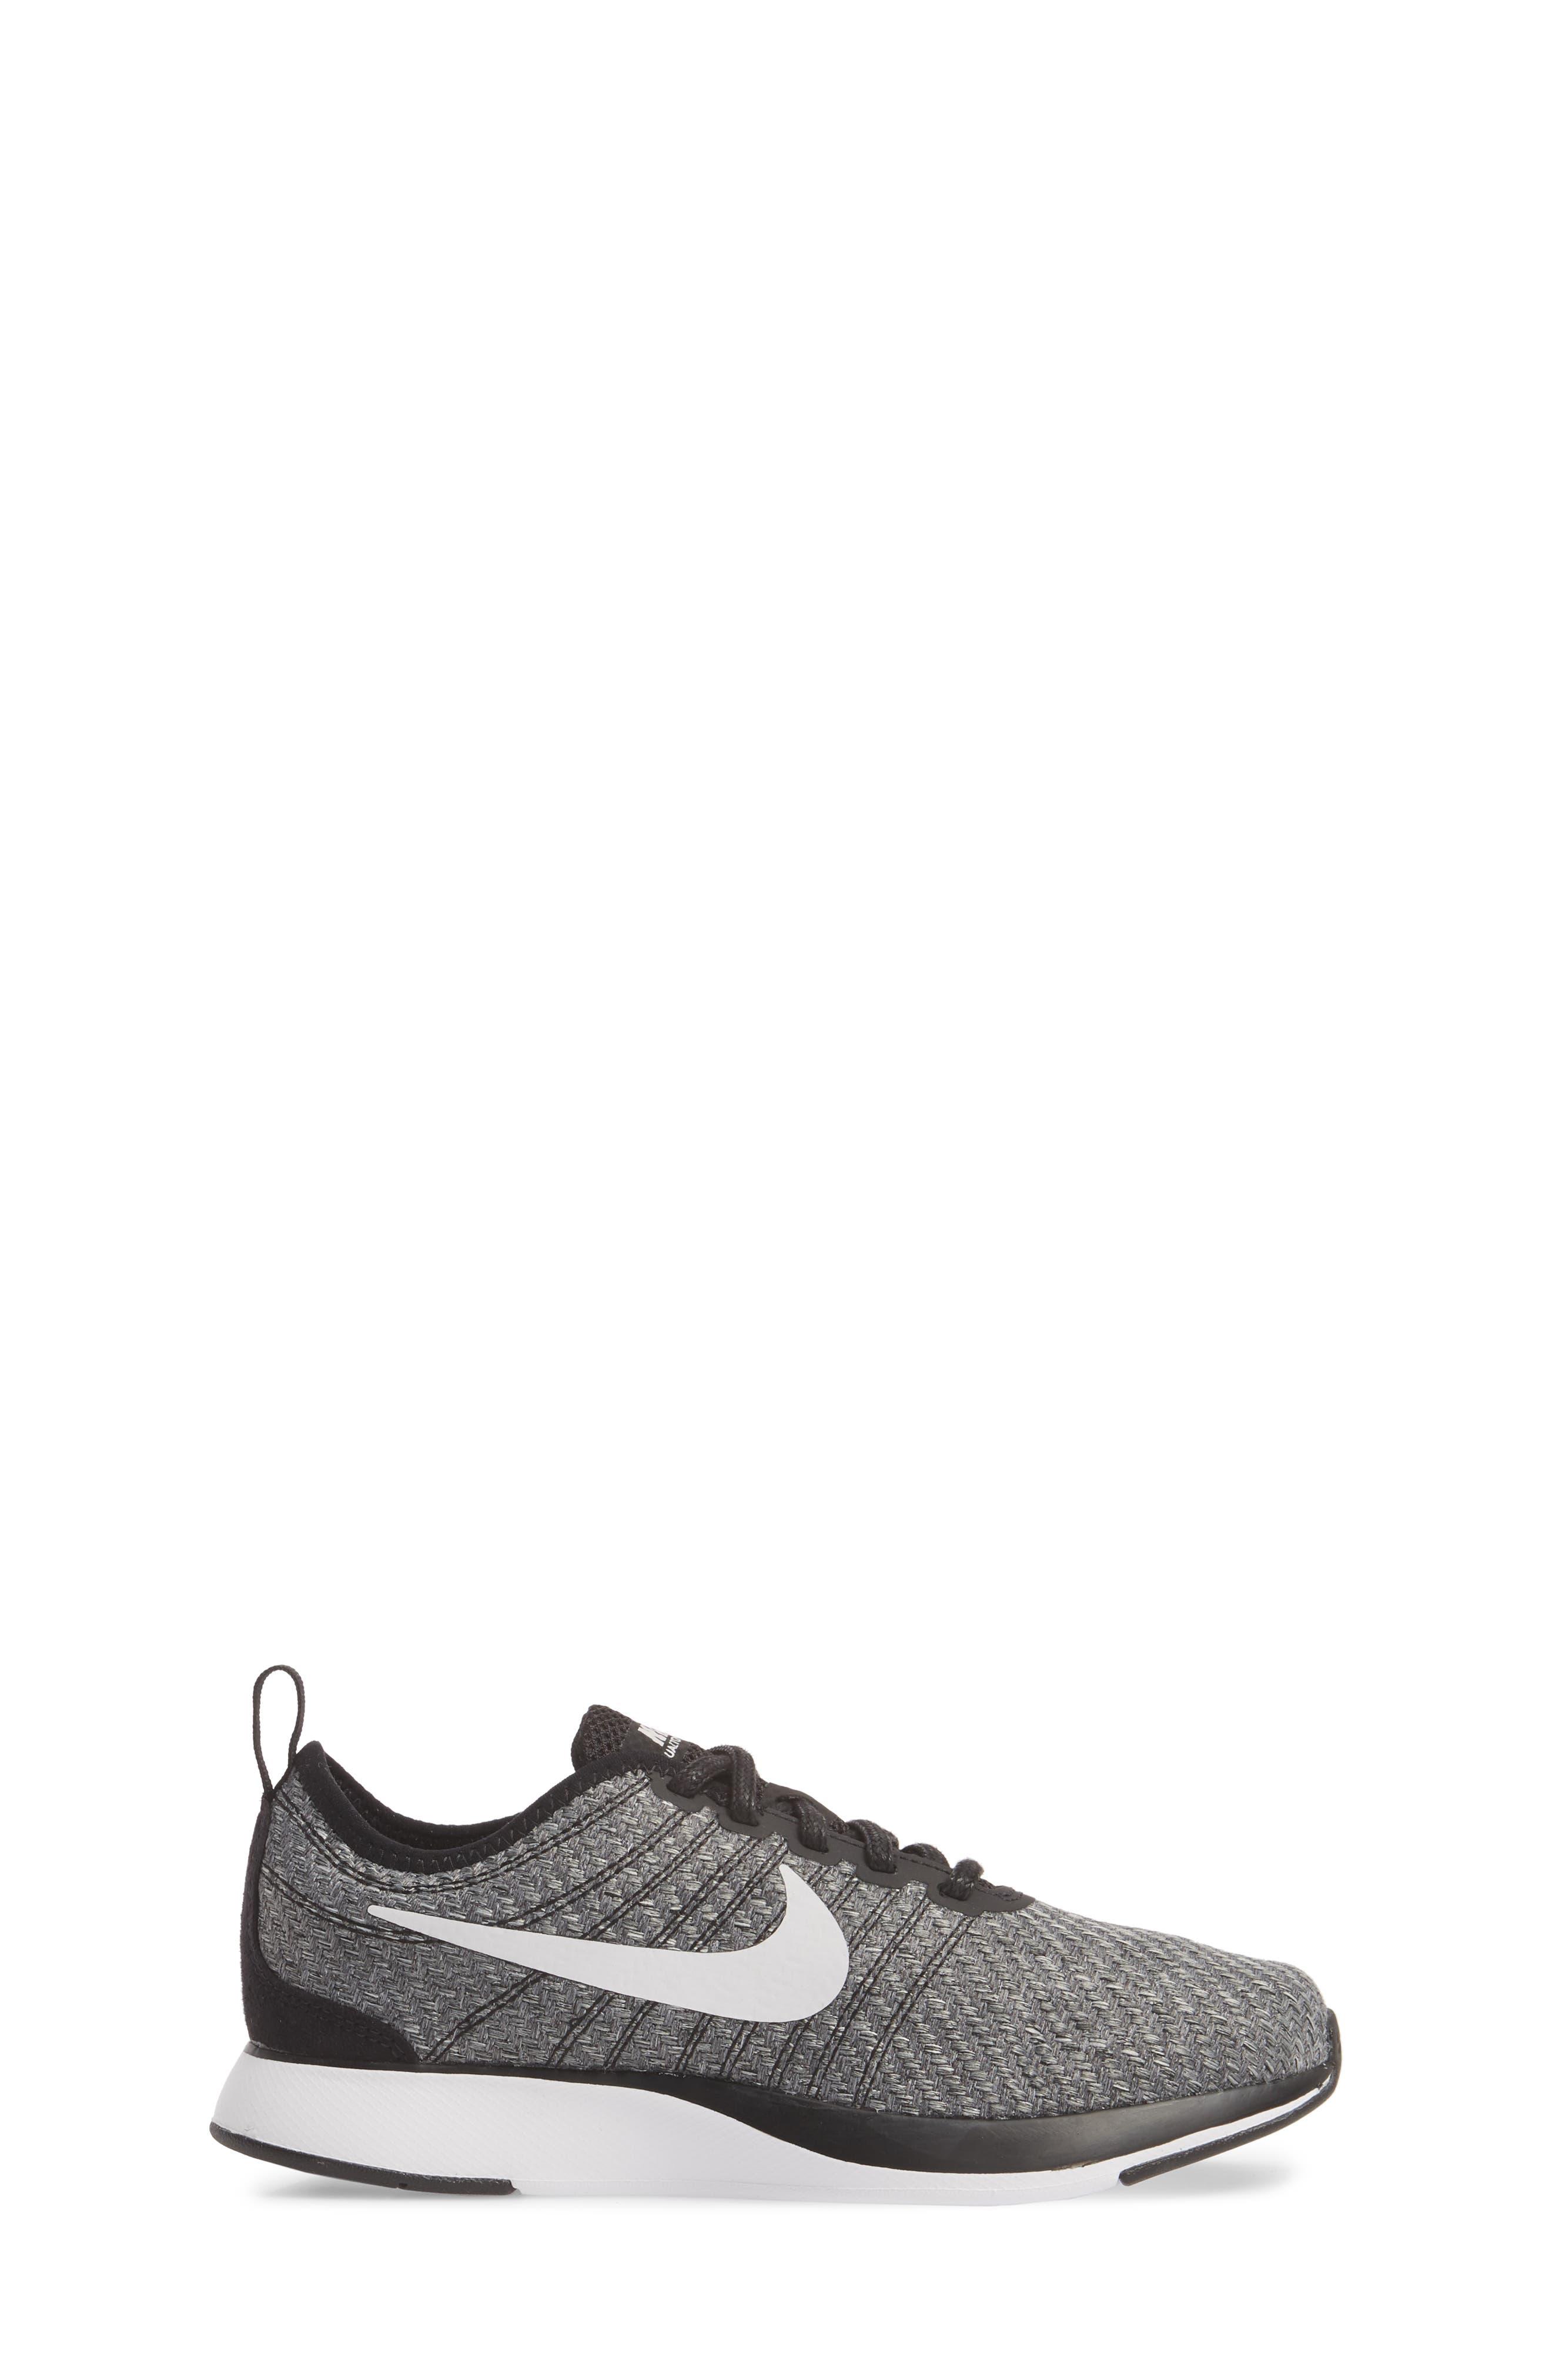 Dualtone Racer SE Sneaker,                             Alternate thumbnail 3, color,                             Black/ Vast Grey/ White